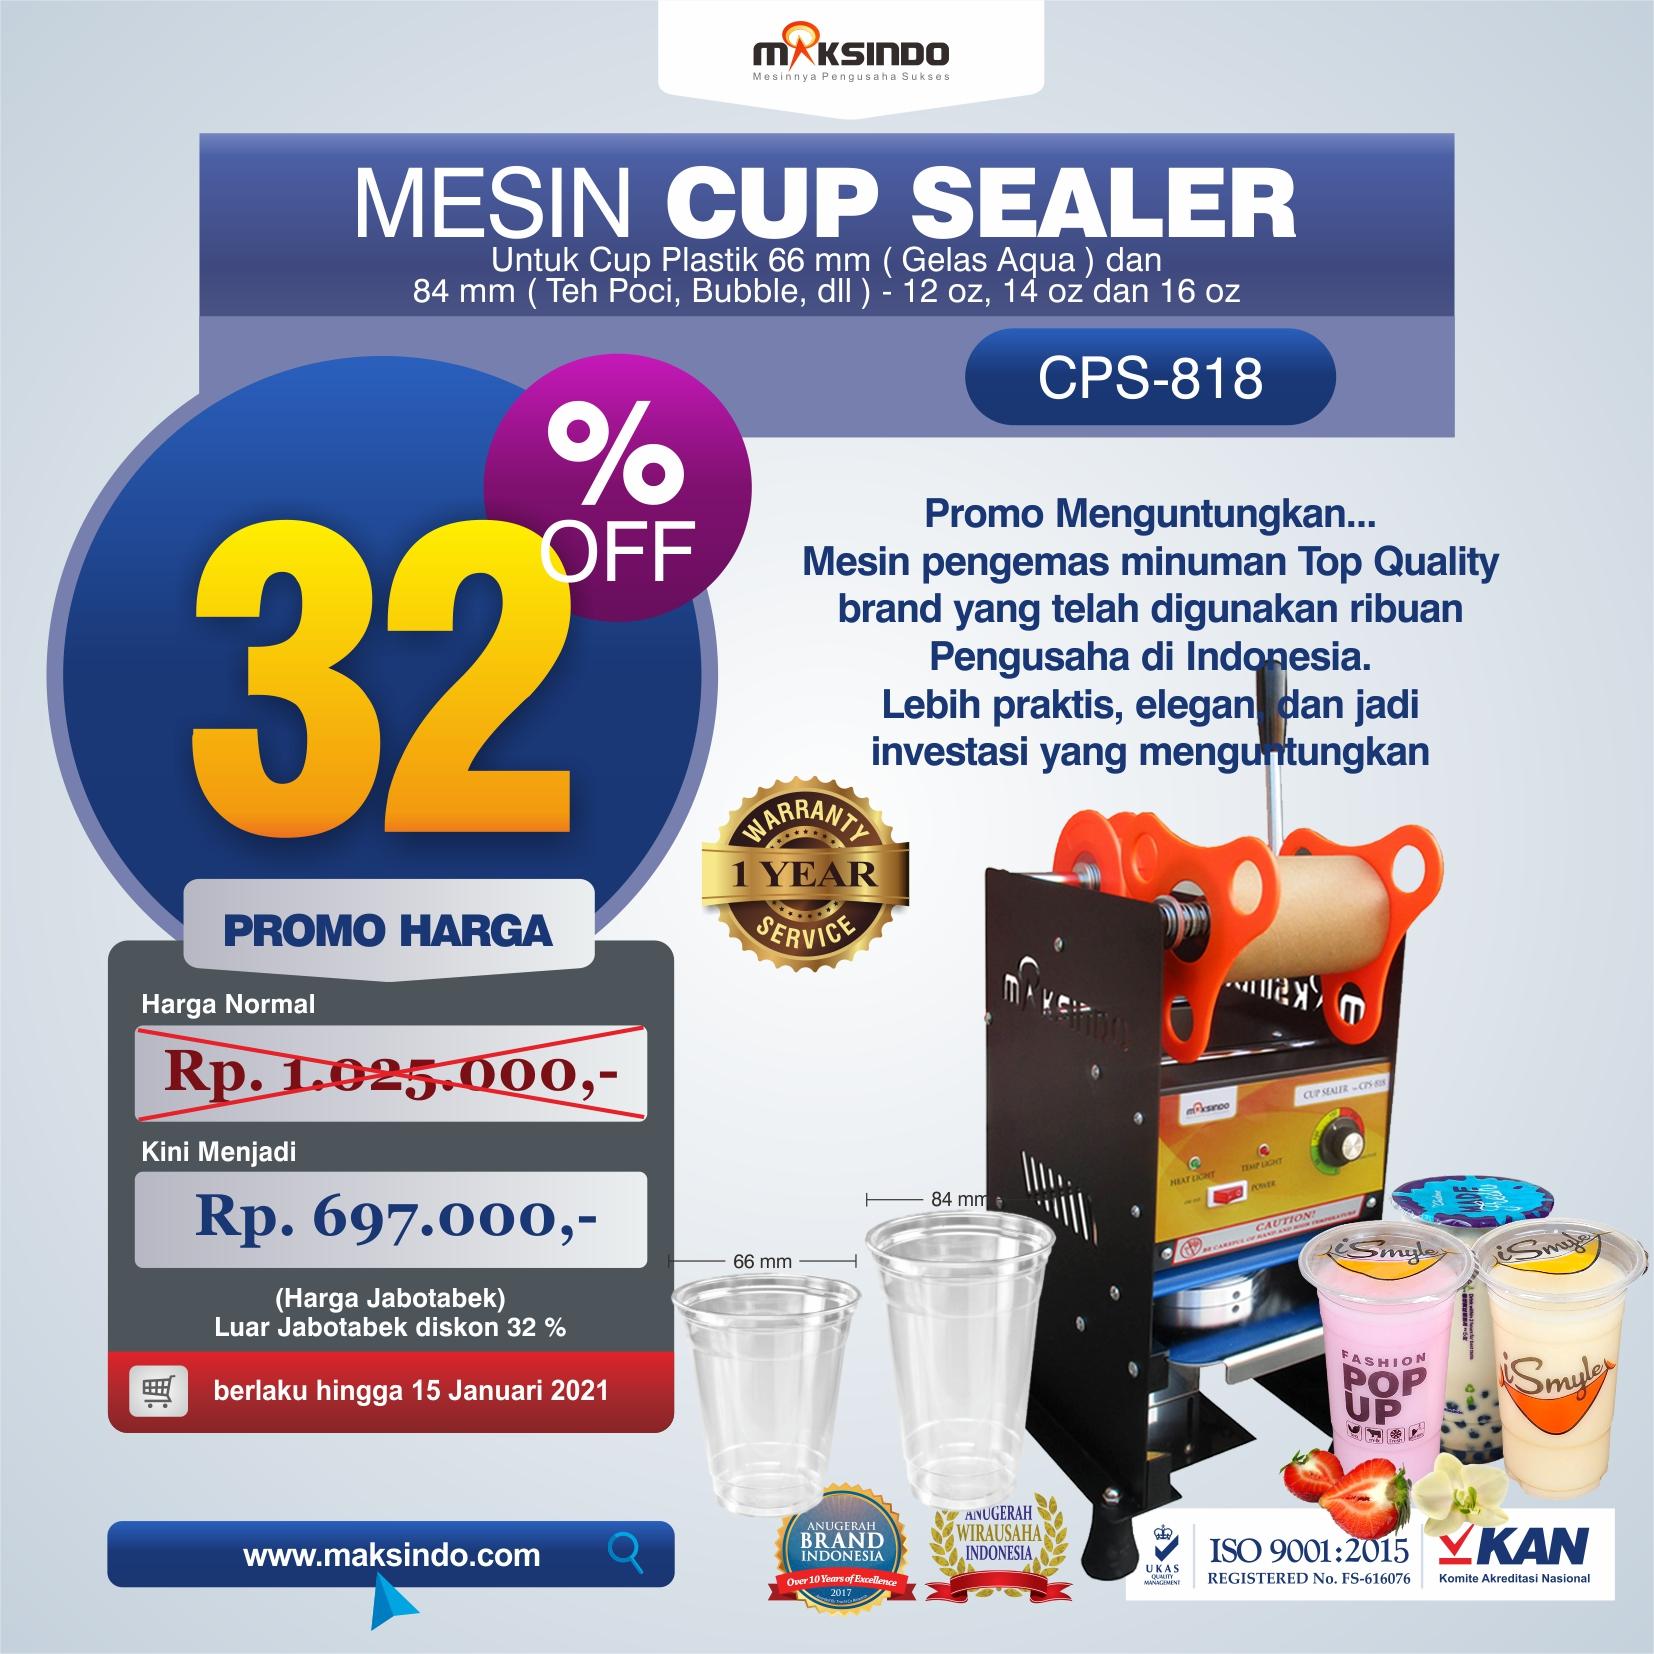 Jual Mesin Cup Sealer Manual New Di Semarang